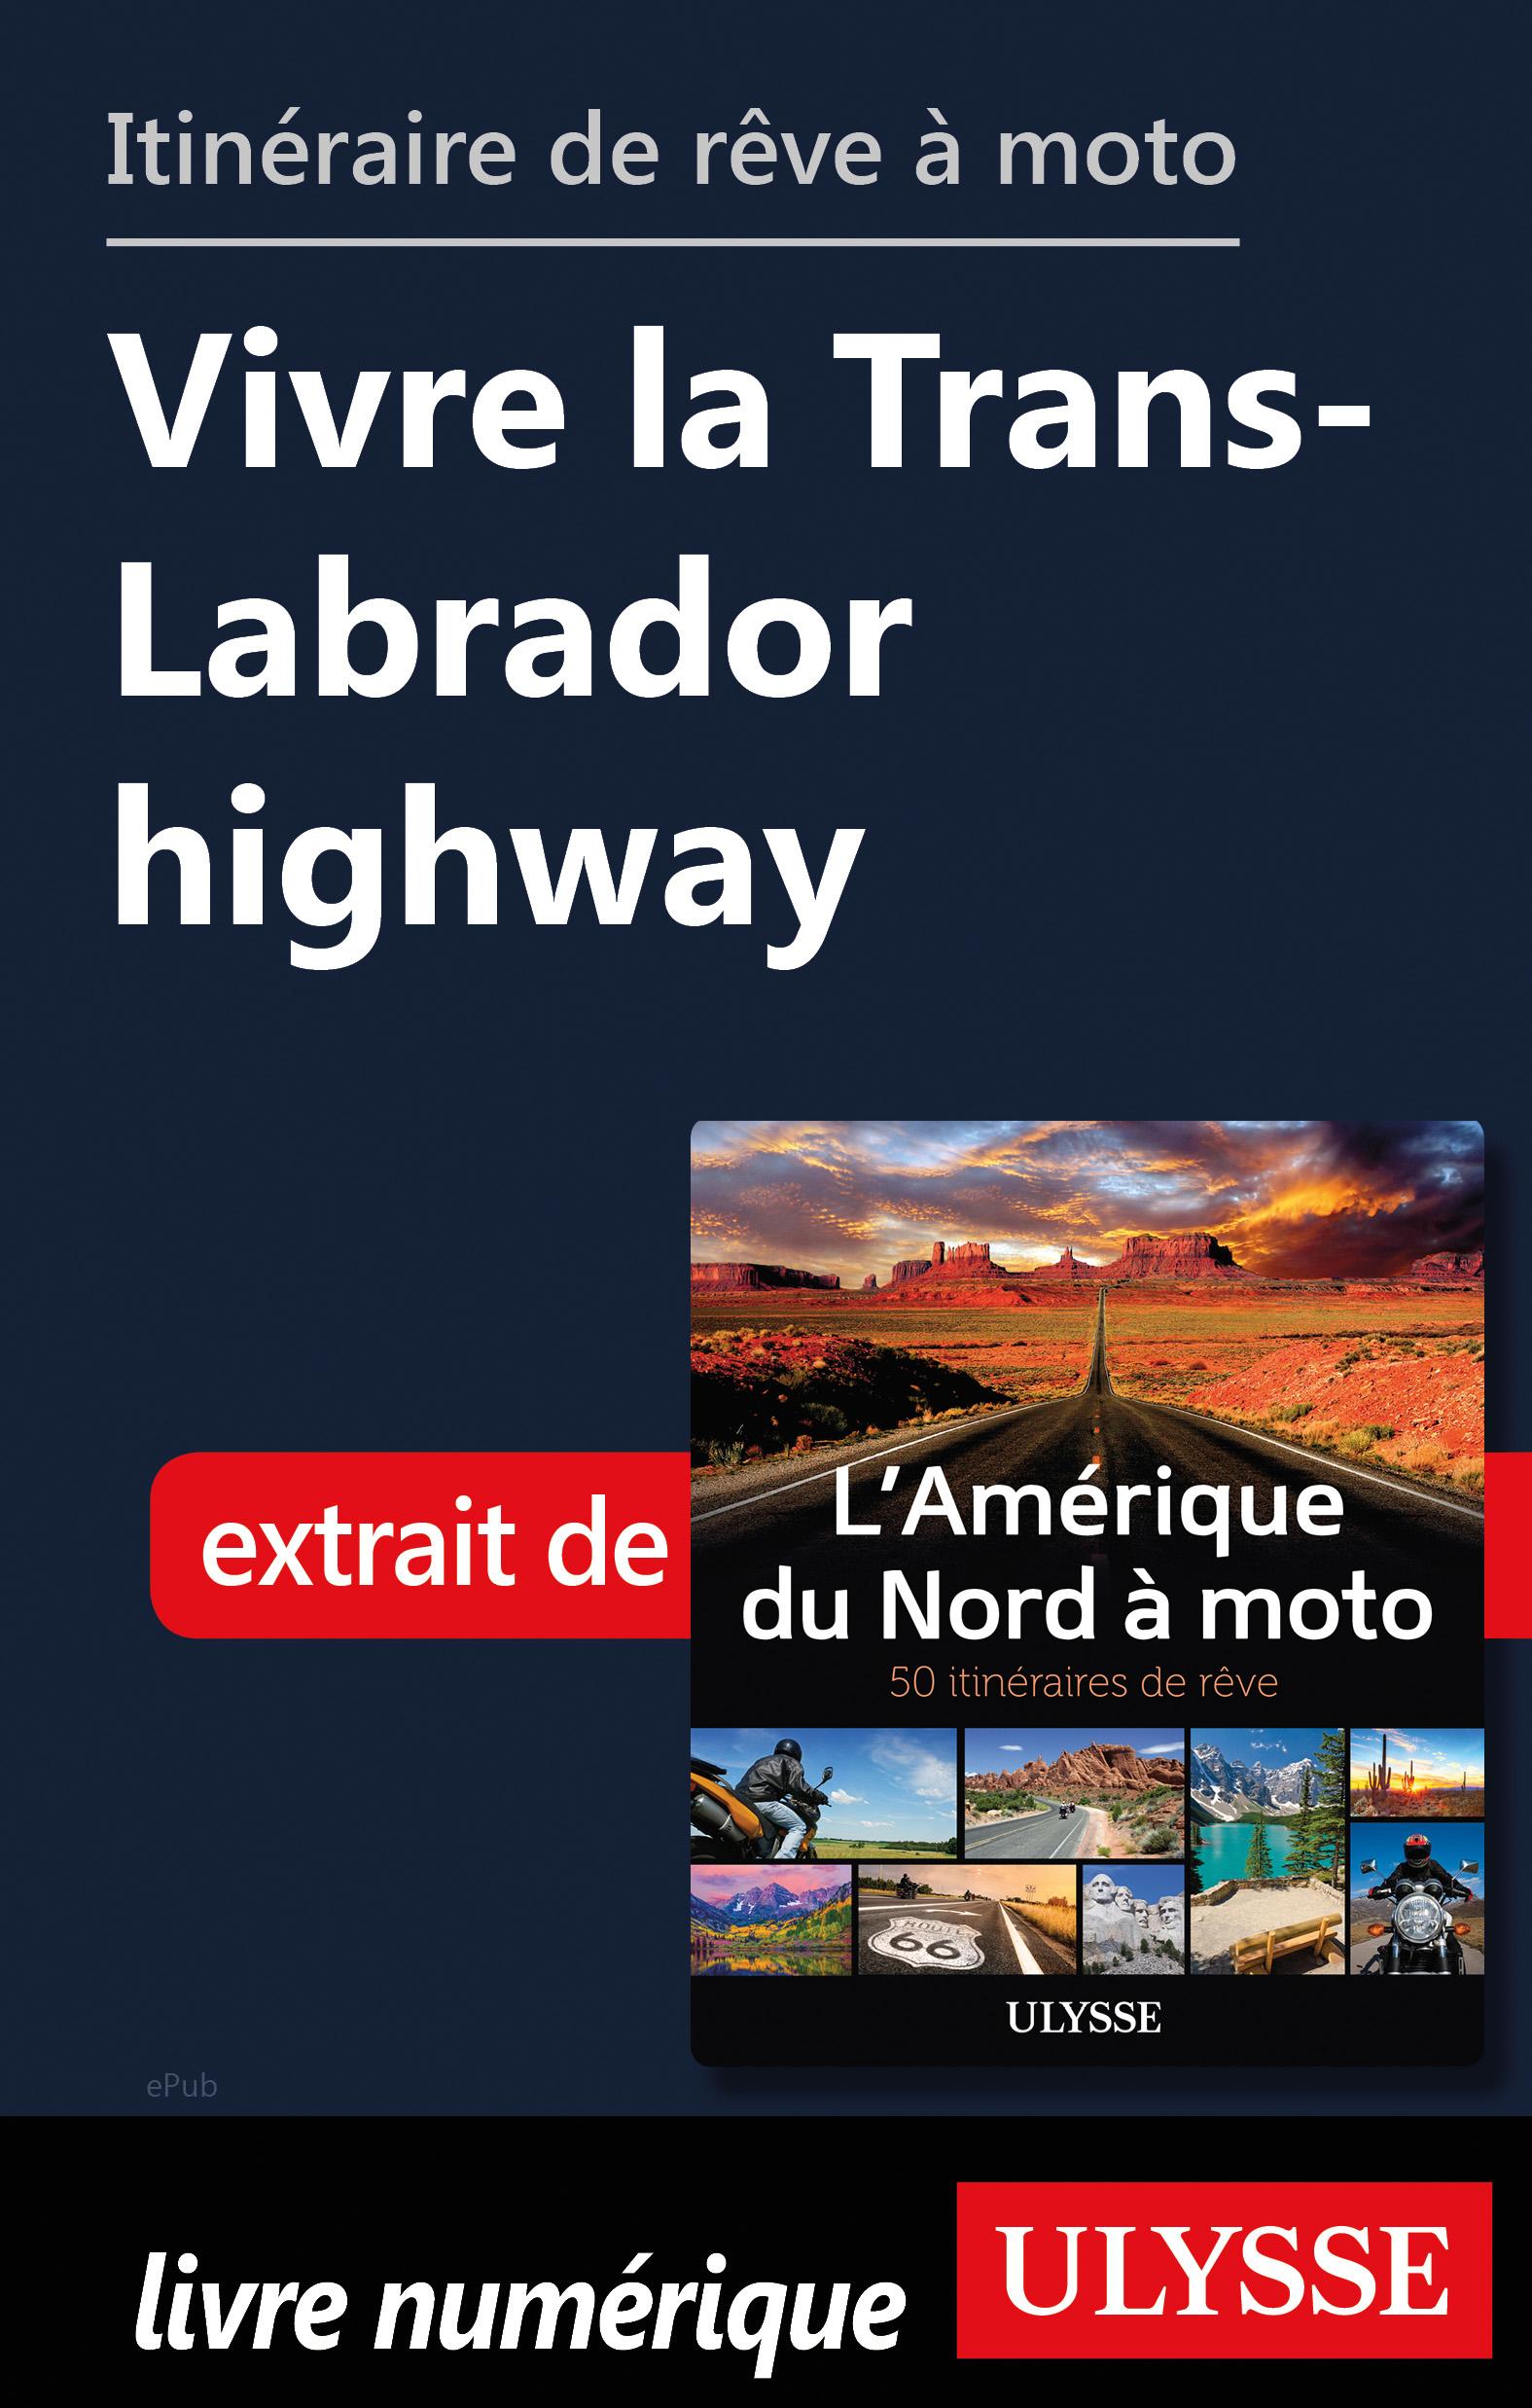 itinéraire de rêve à moto - Vivre la Trans-Labrador highway